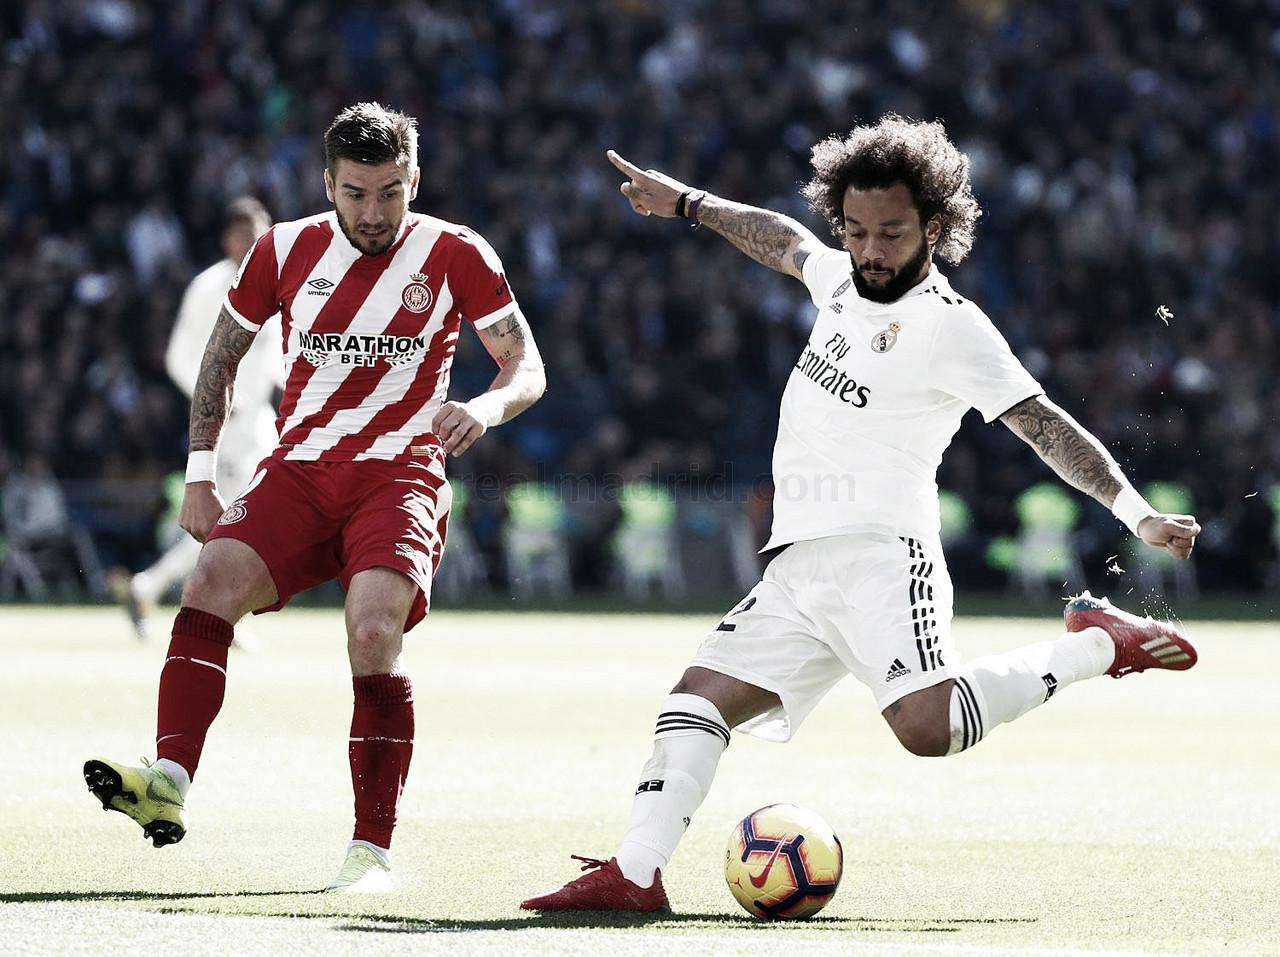 La Contracrónica: El Girona abre de nuevo la herida del Real Madrid